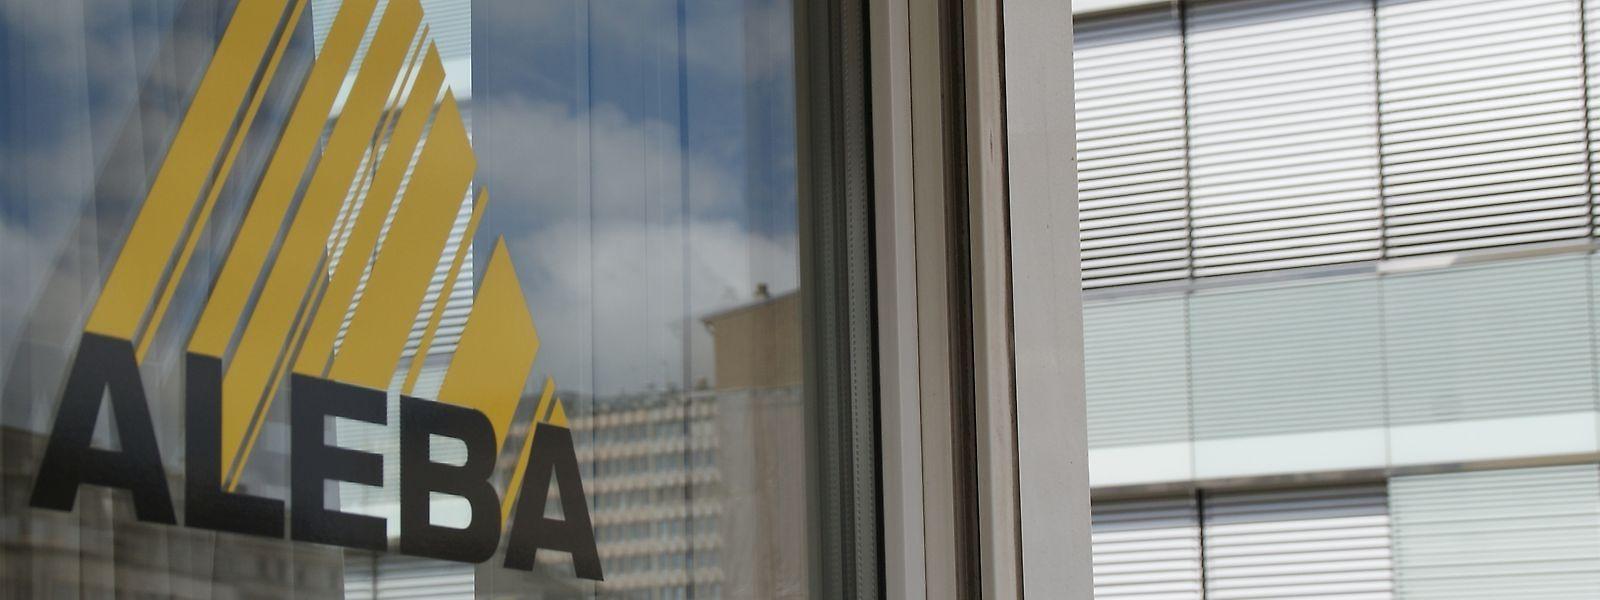 L'Aleba a conservé ses quatre sièges lors du scrutin du 12 mars 2019 à la Chambre des salariés.